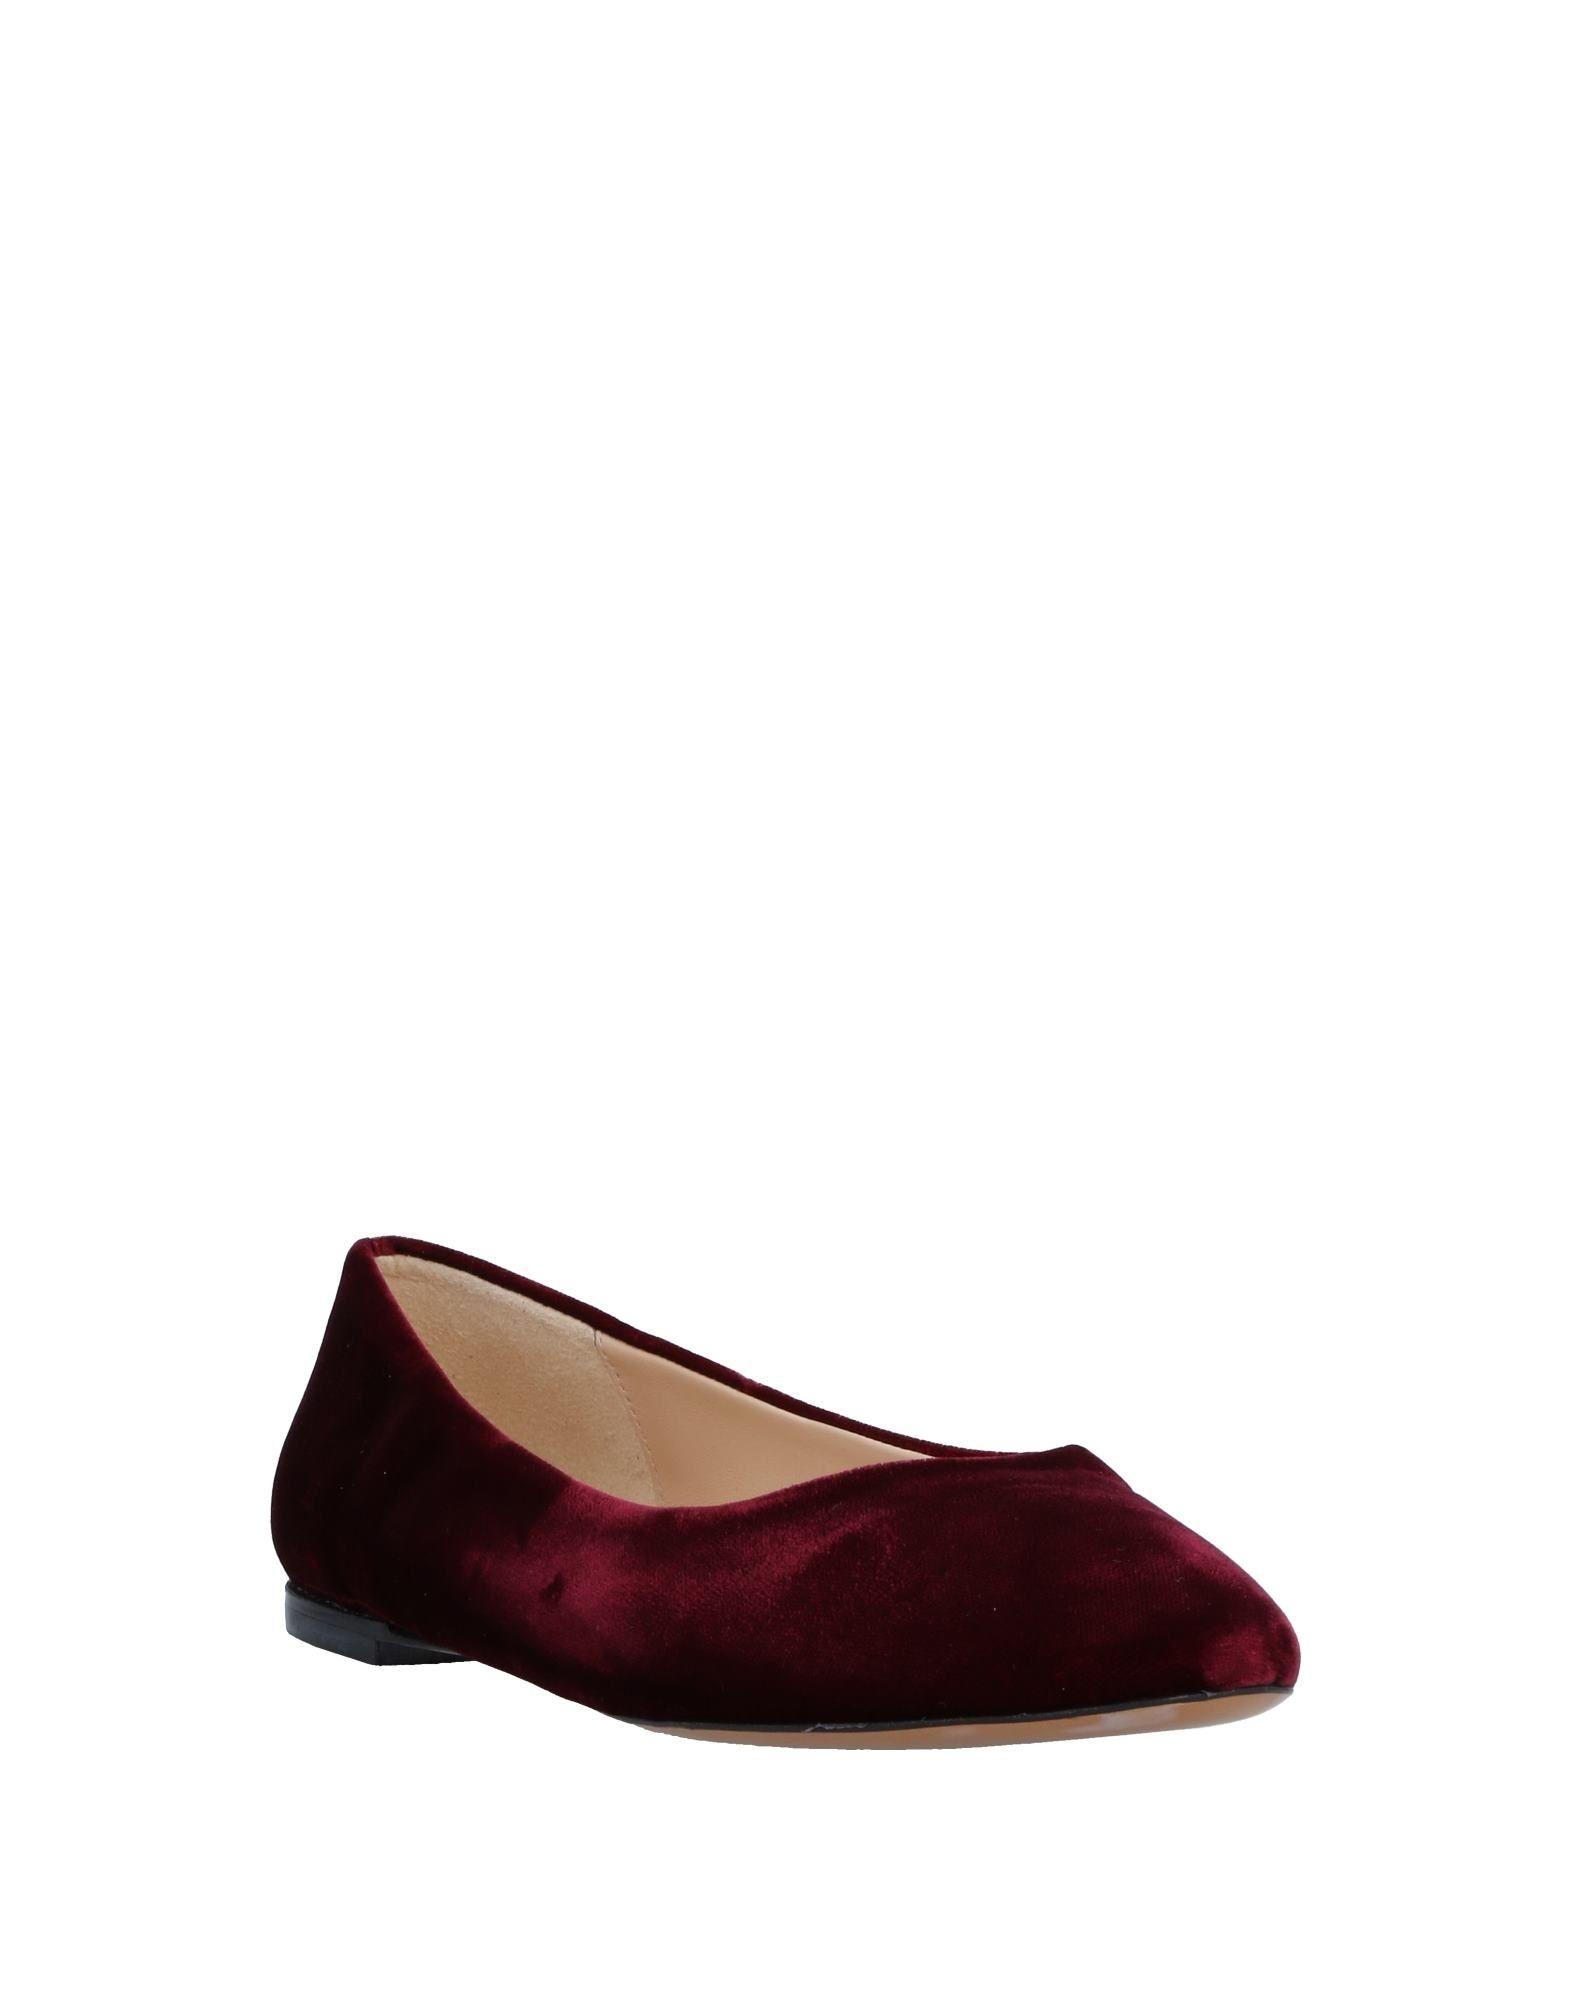 Fabio Rusconi Ballerinas  Damen  Ballerinas 11532306TR Gute Qualität beliebte Schuhe 8ae7aa